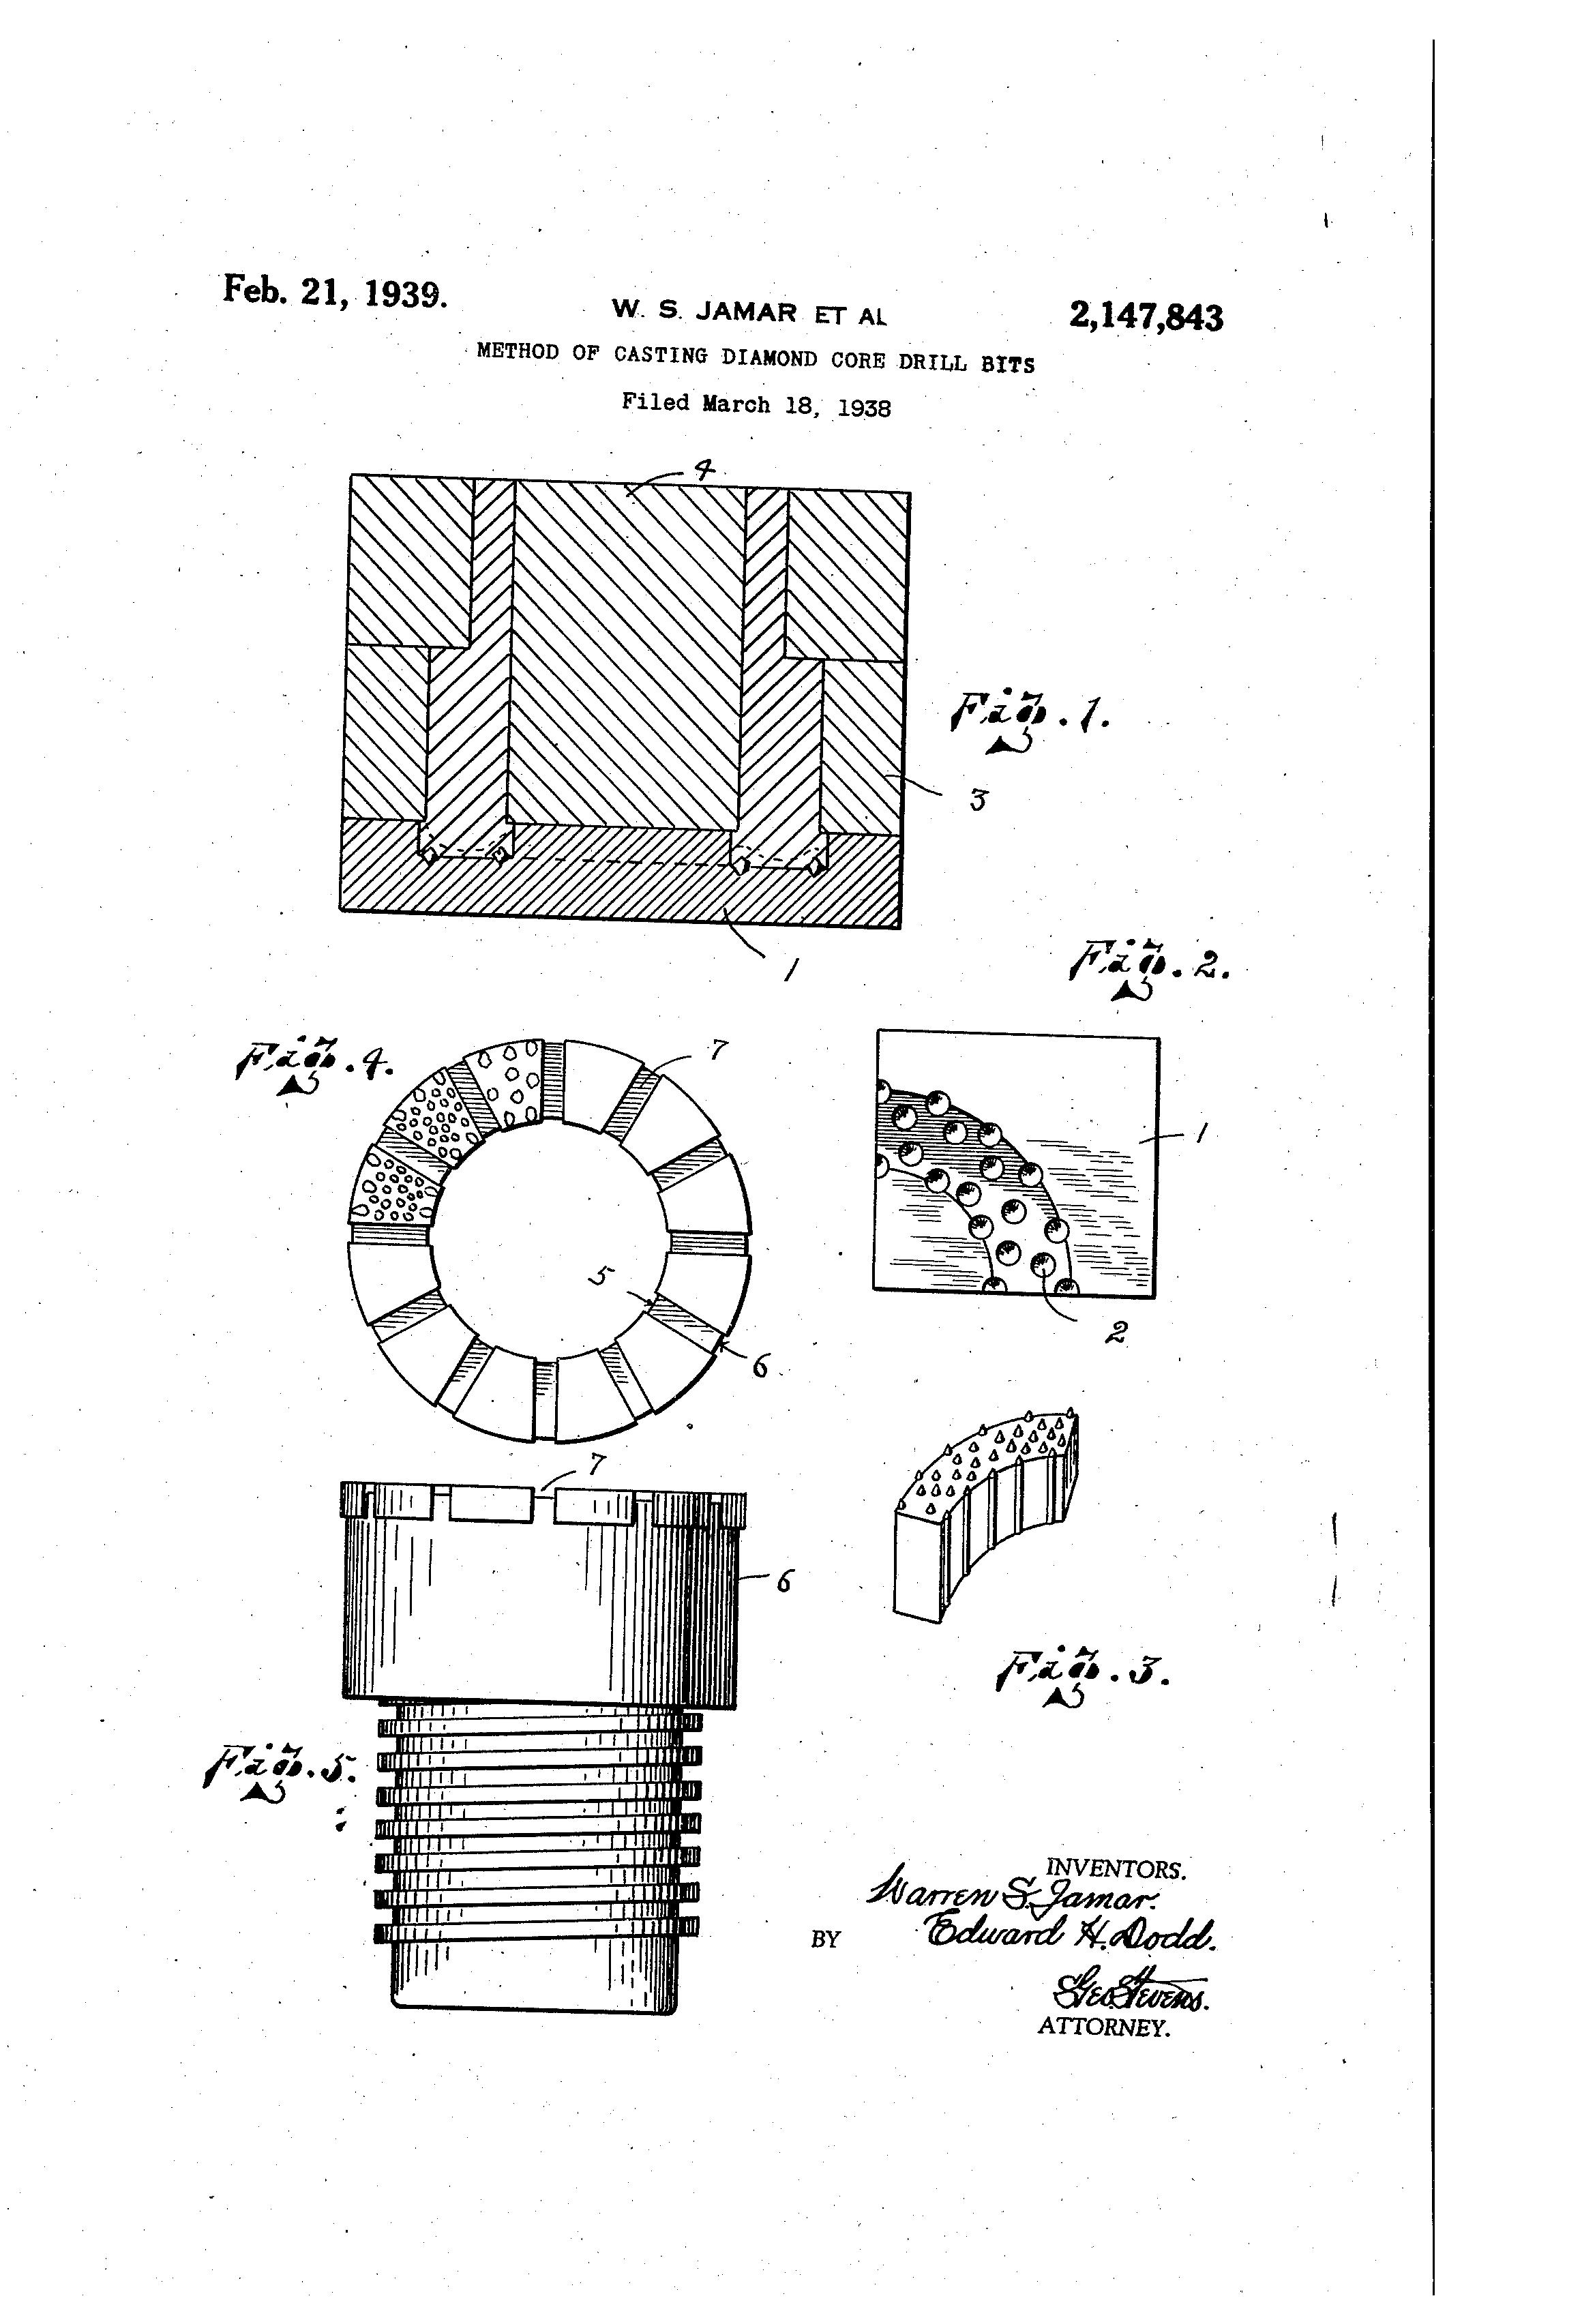 drill bit drawing. patent drawing drill bit